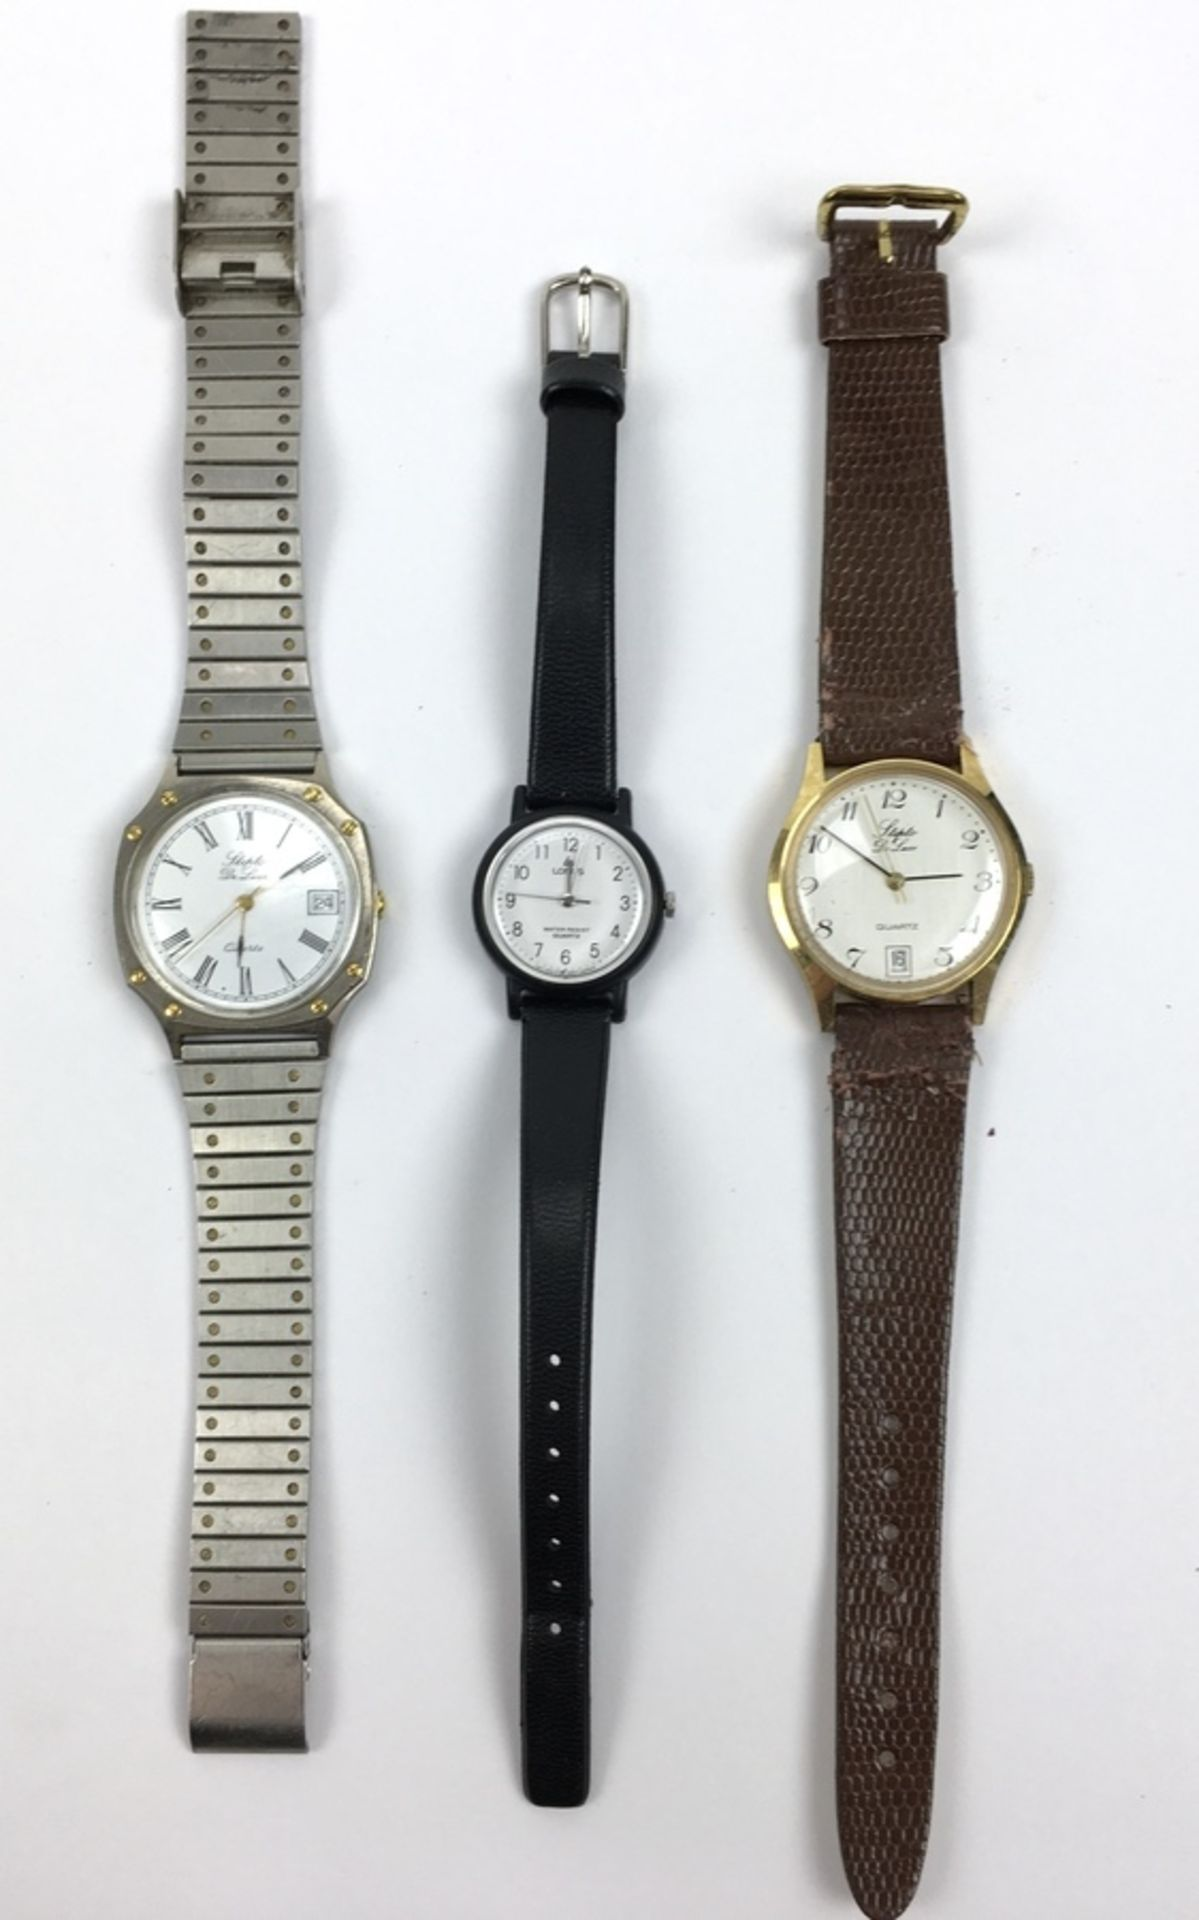 (Sieraden) HorlogesDrie verschillende merken horloges. Conditie: Gebruikssporen, niet getest. A